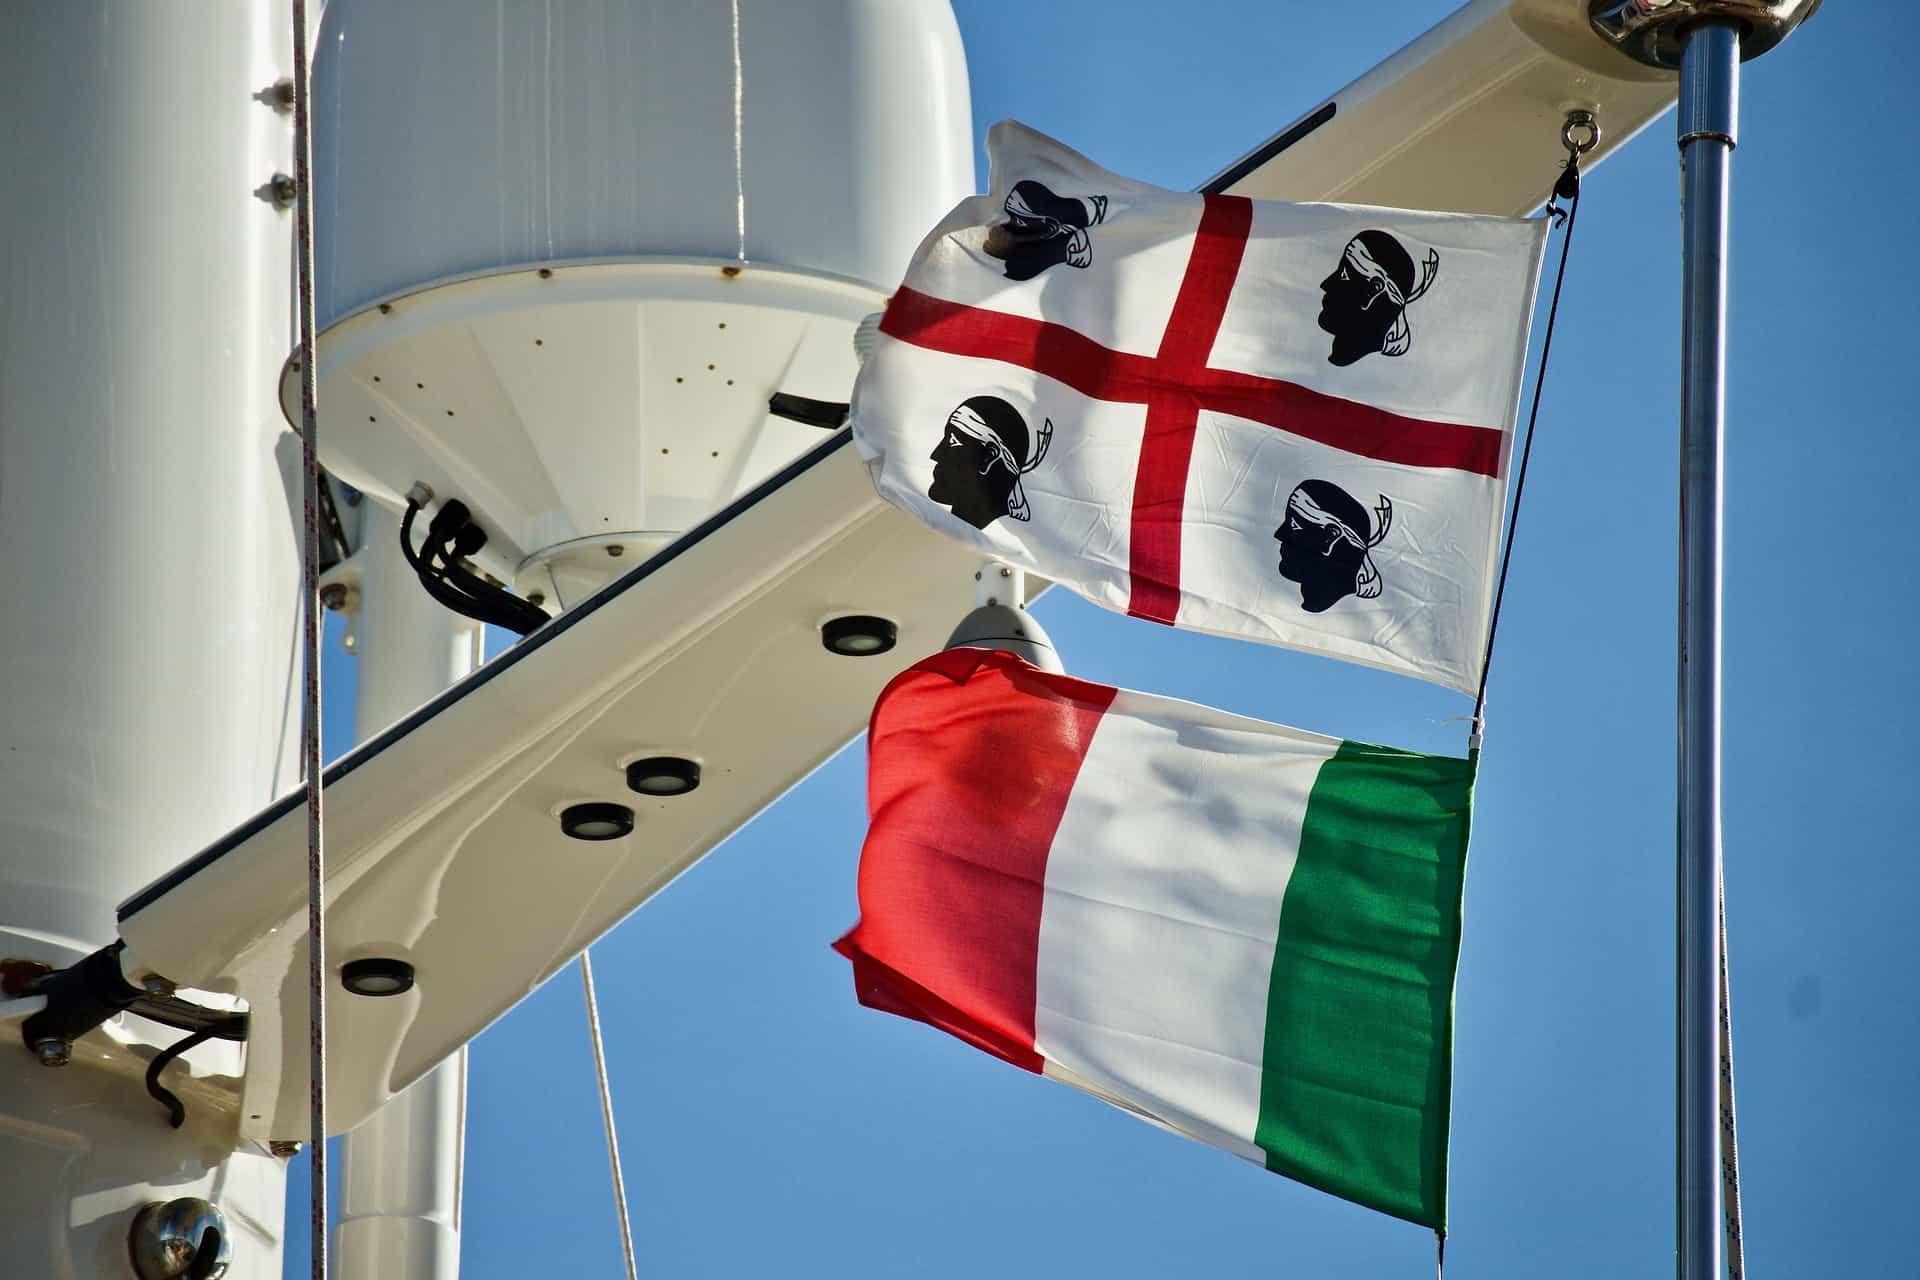 La Sardegna in zona bianca, cadono alcune restrizioni: le novità